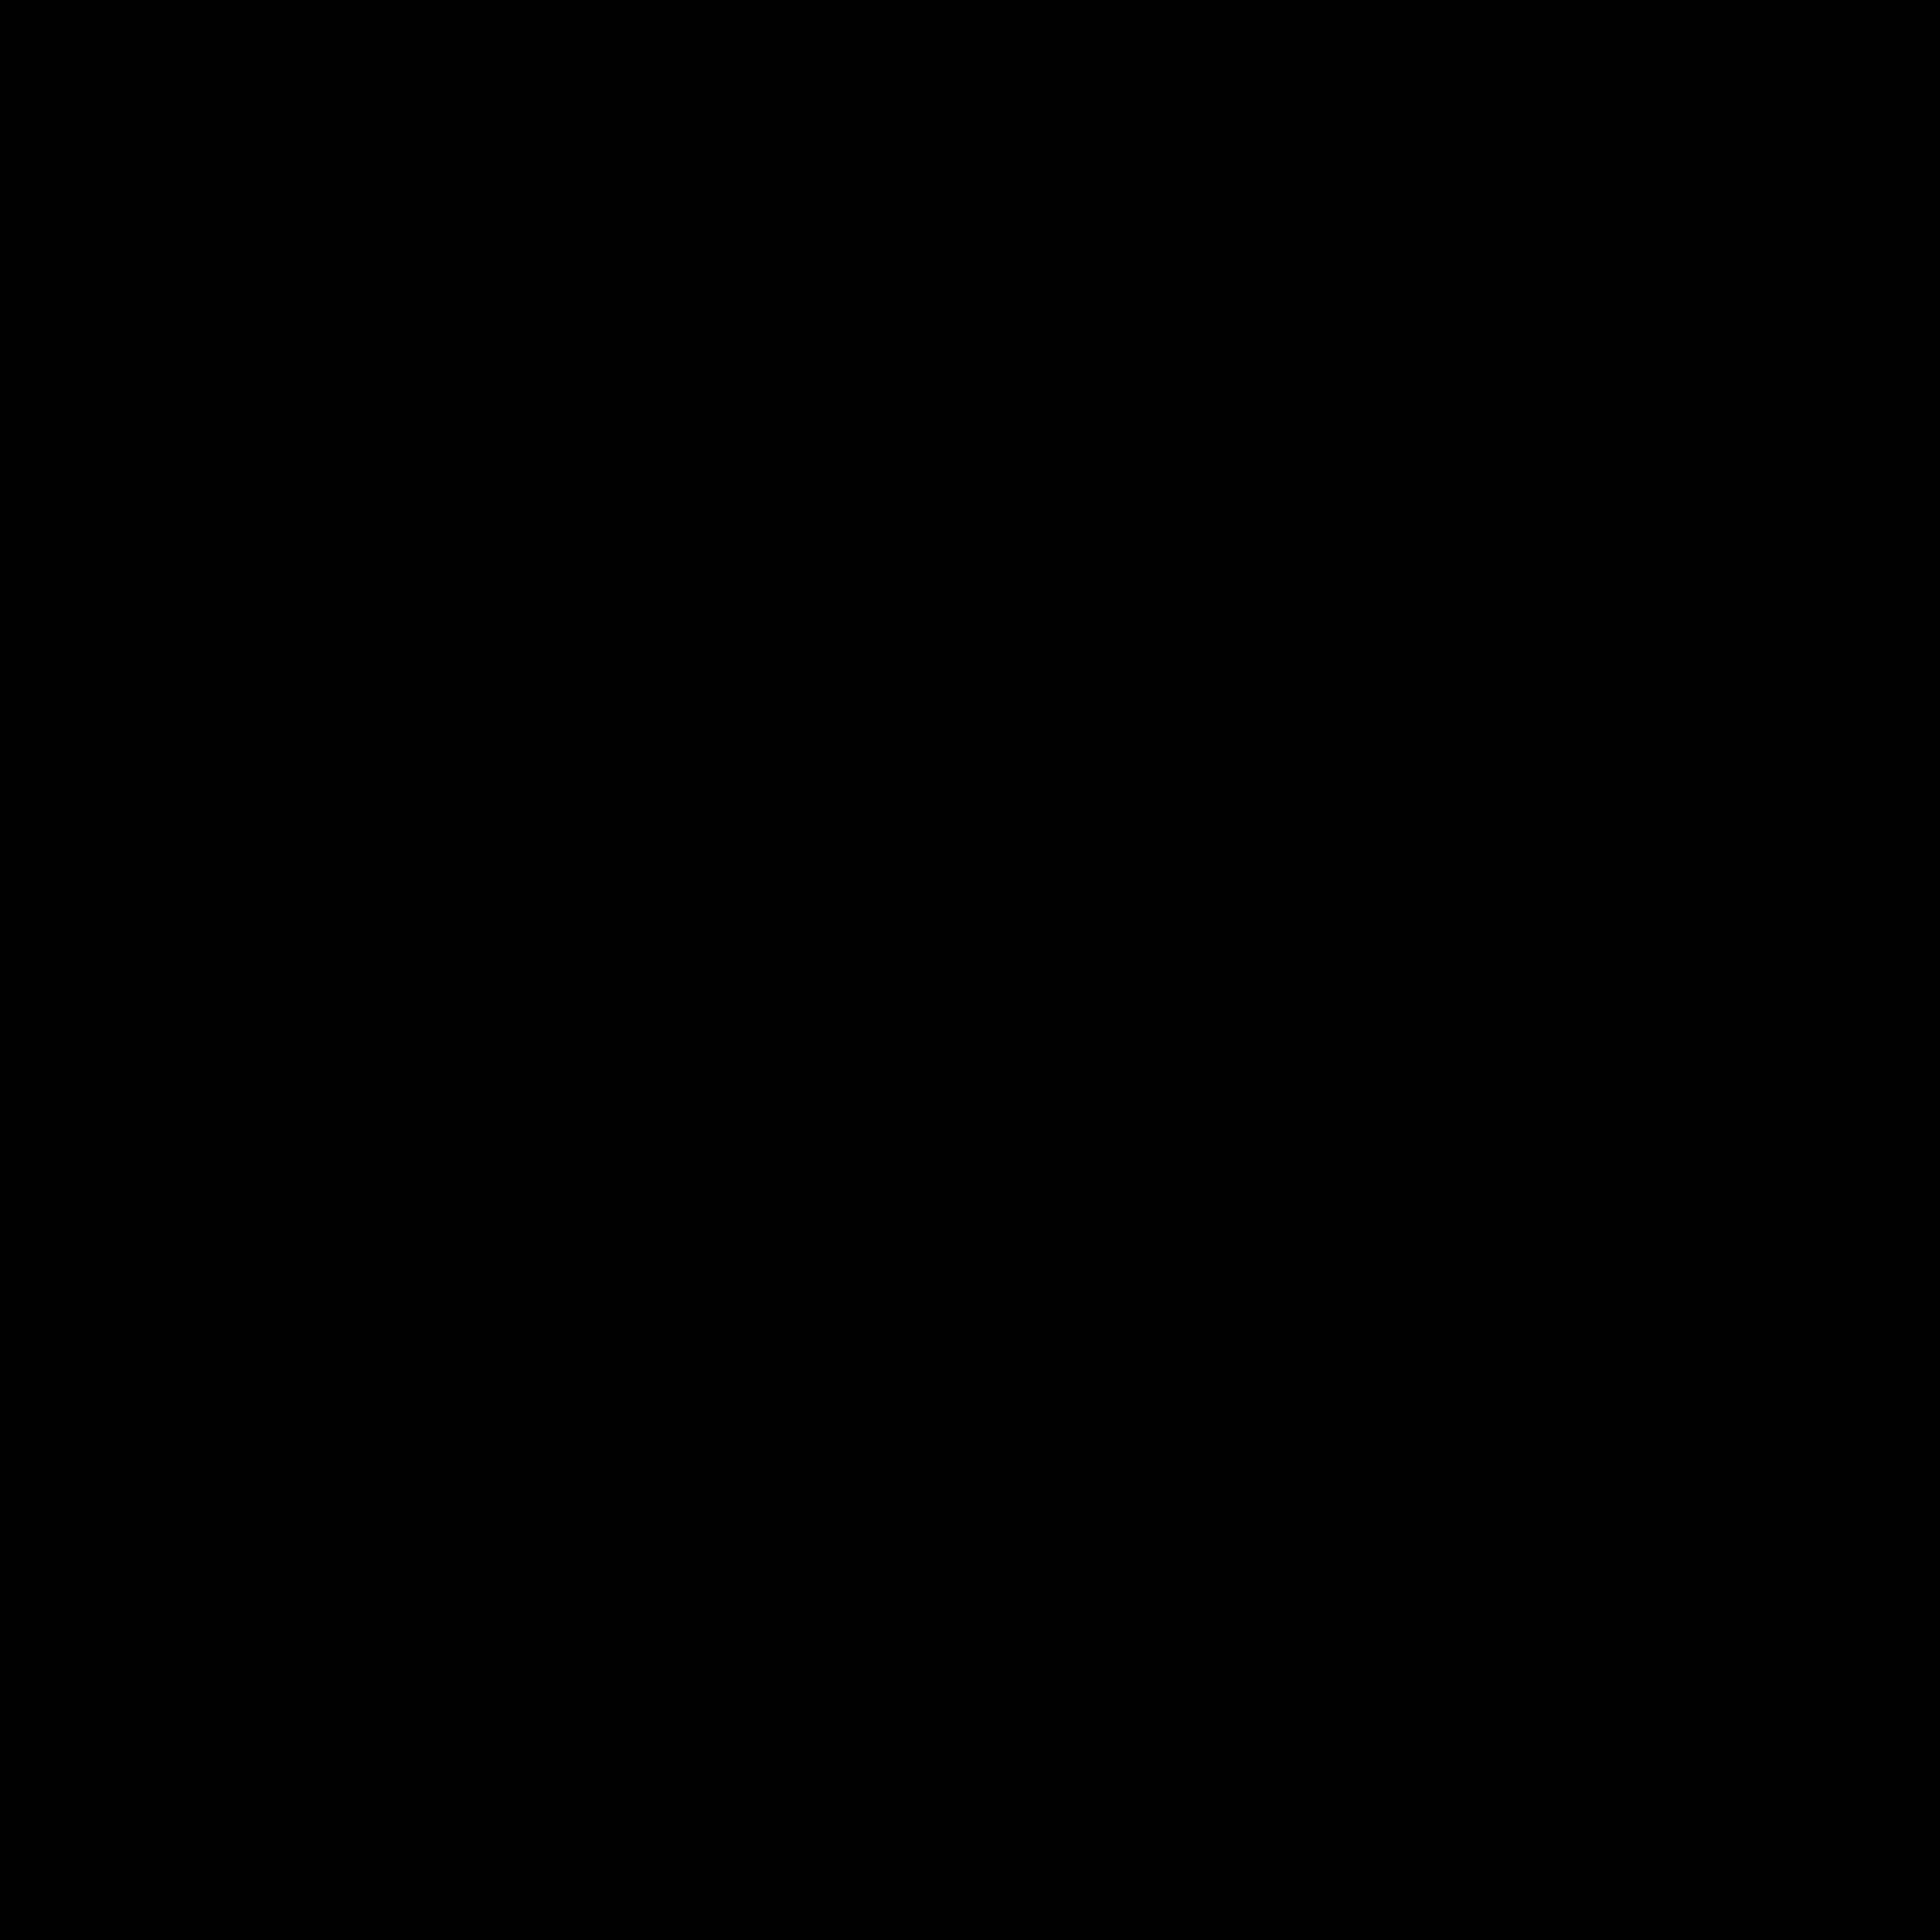 Vatsim ID